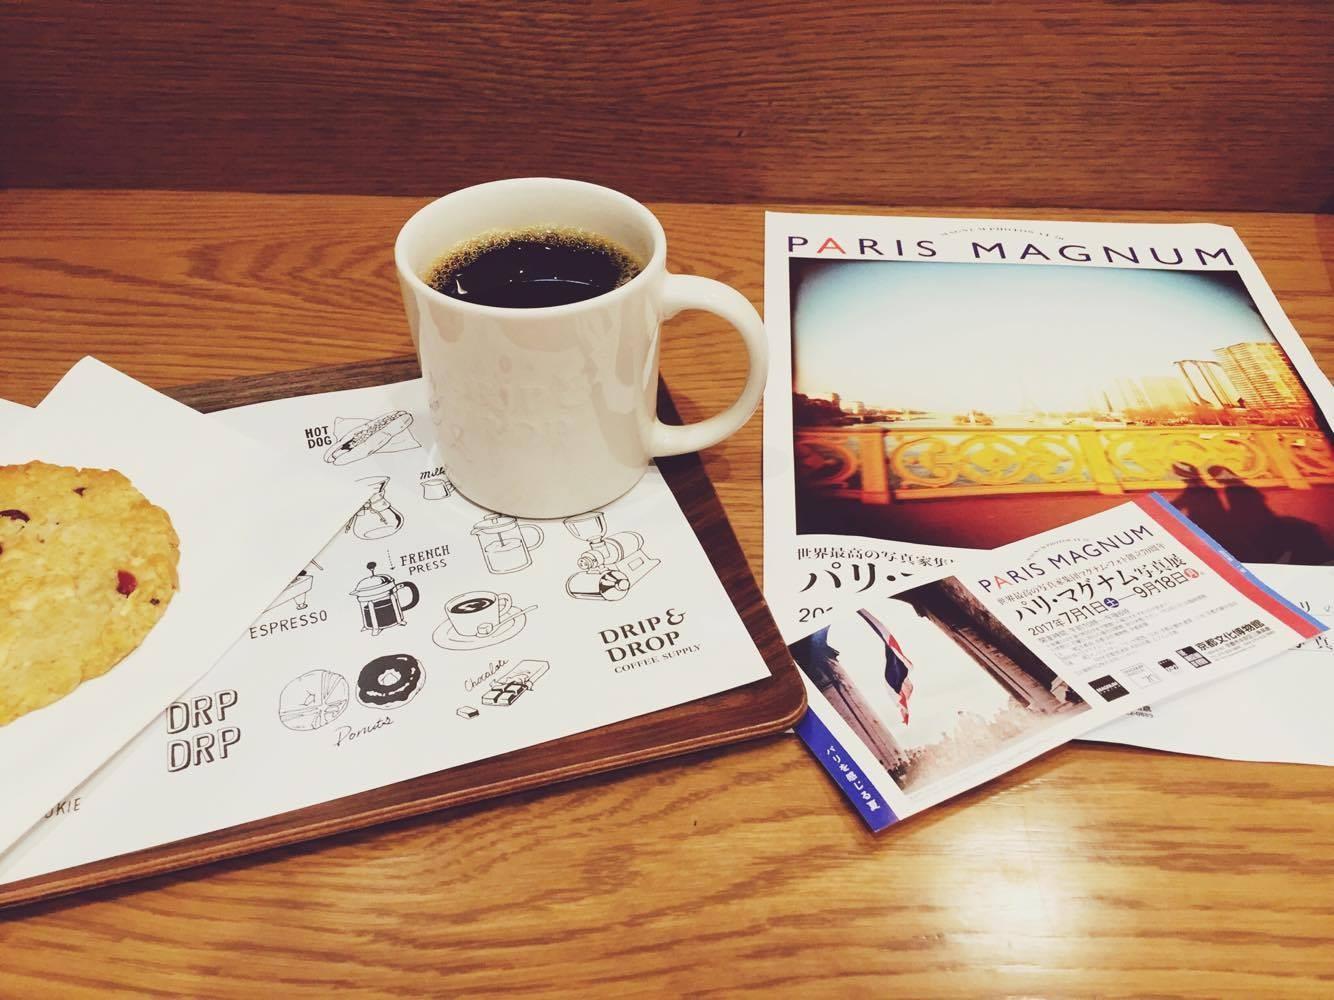 #ART 京都へパリ・マグナム写真展を観に行ってきました!